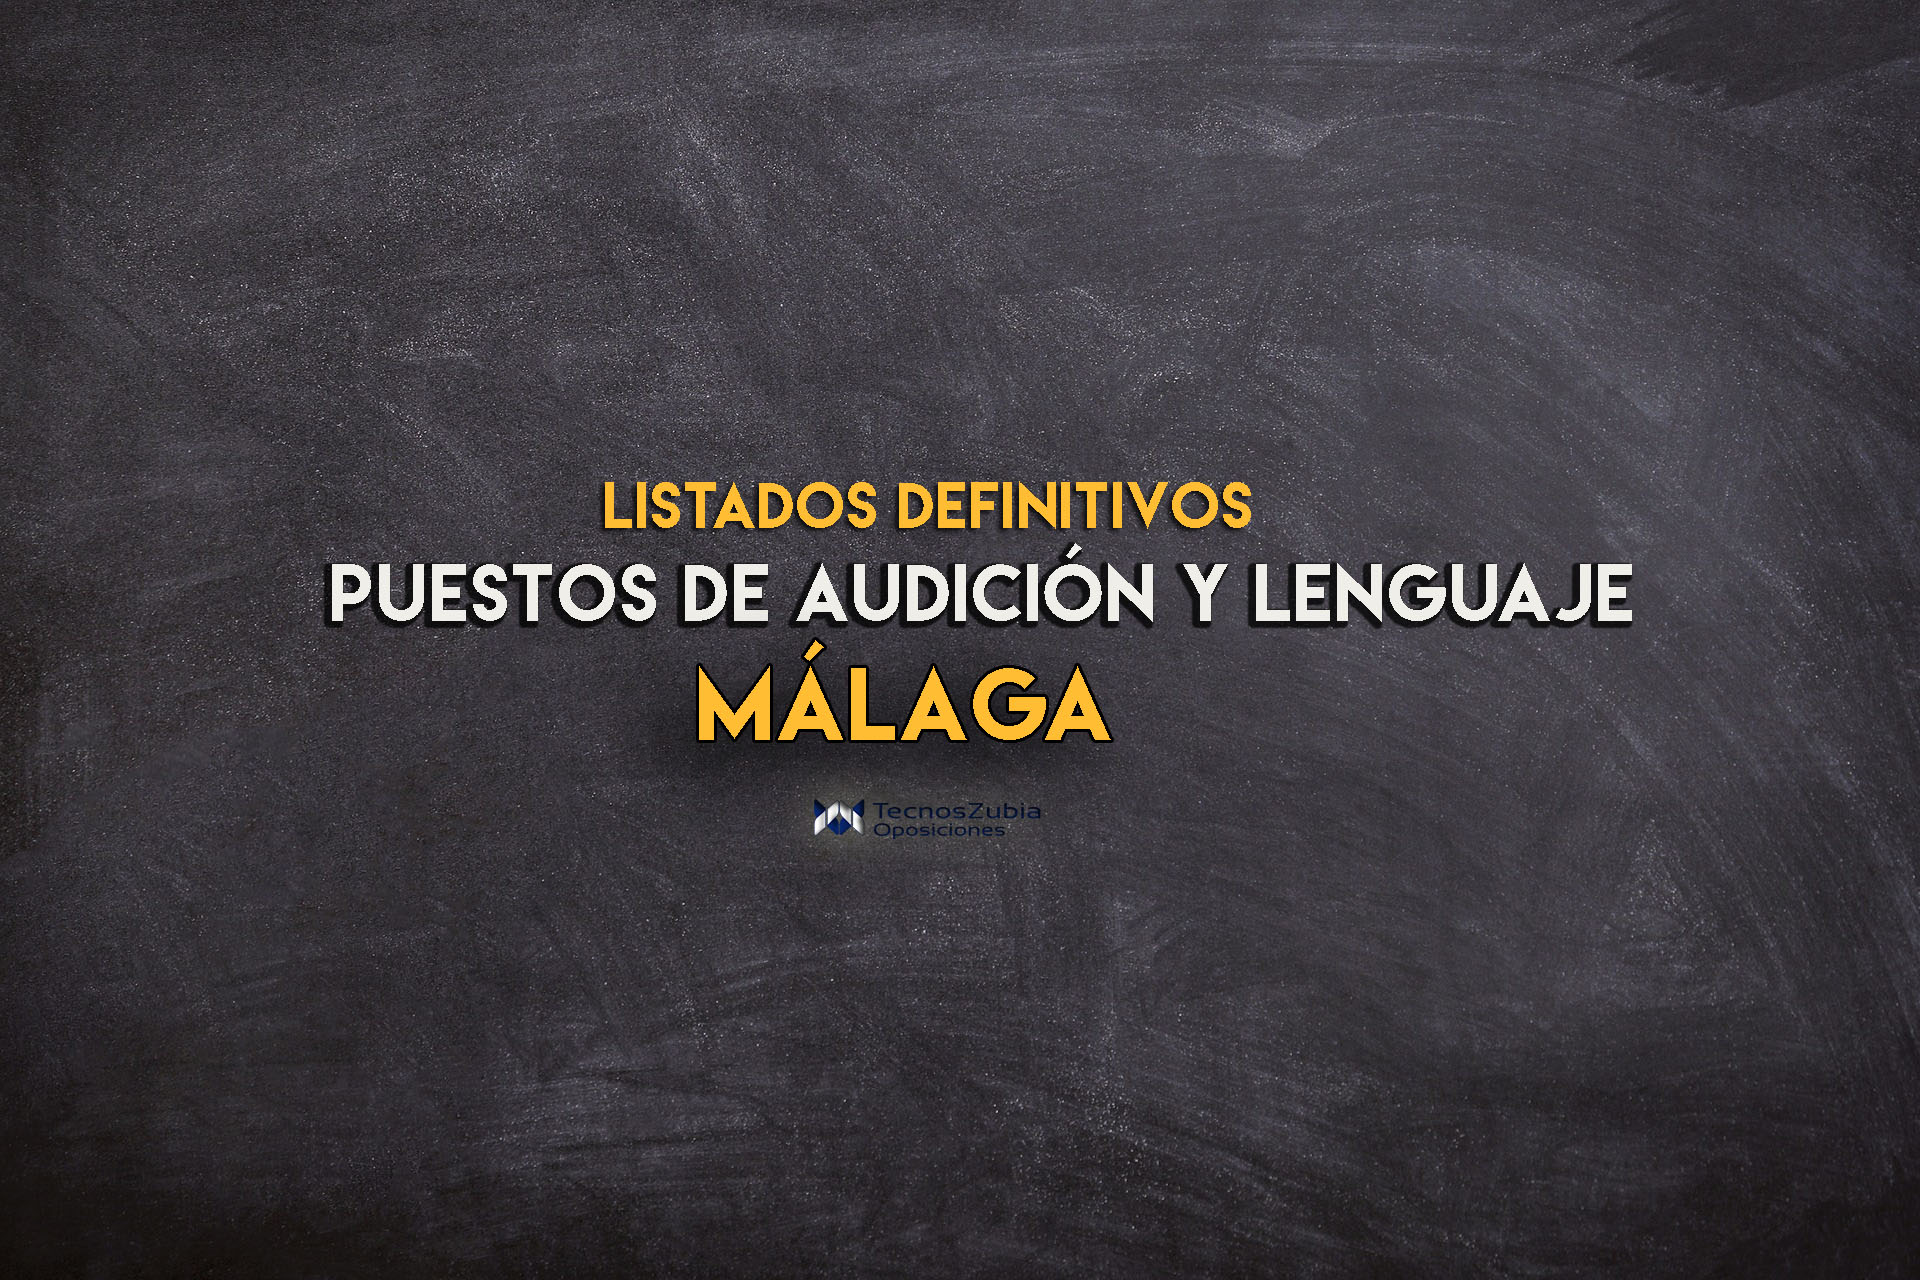 listado definitivo puestos de audicion y lenguaje en Málaga